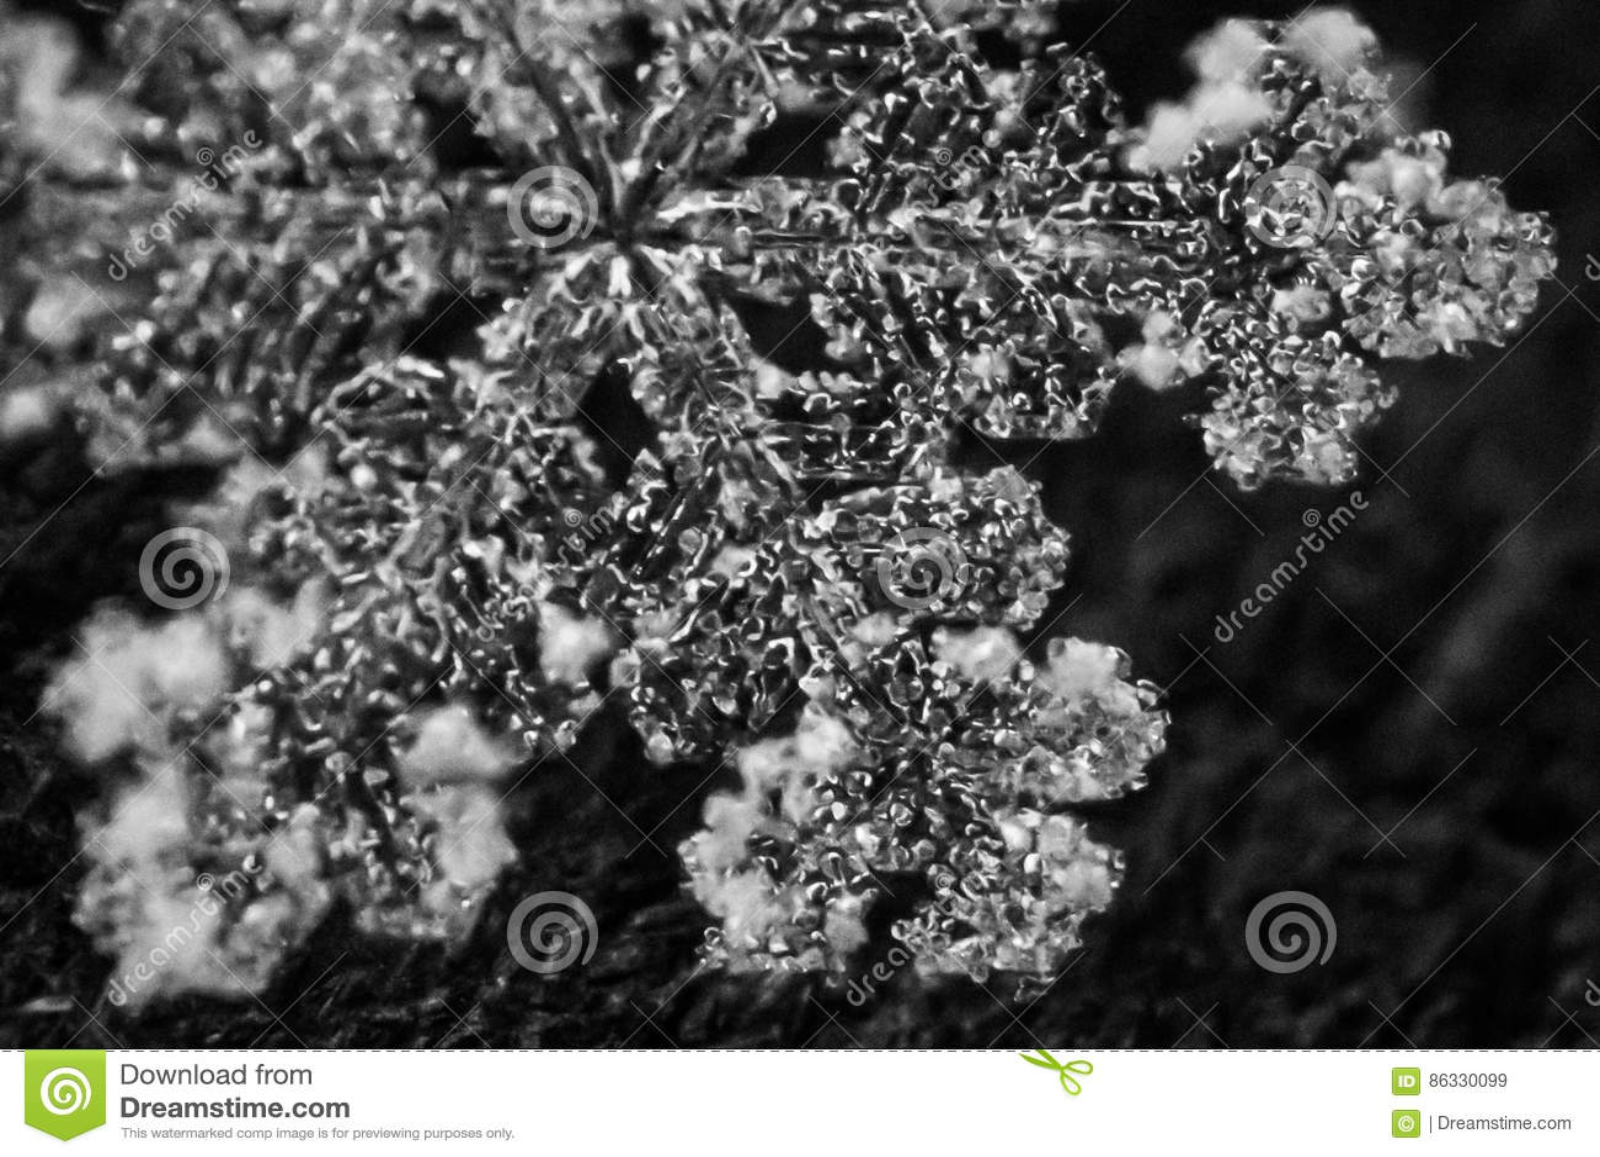 Macro Fiocco Di Neve 7 In Bianco E Nero Immagine Stock Immagine Di